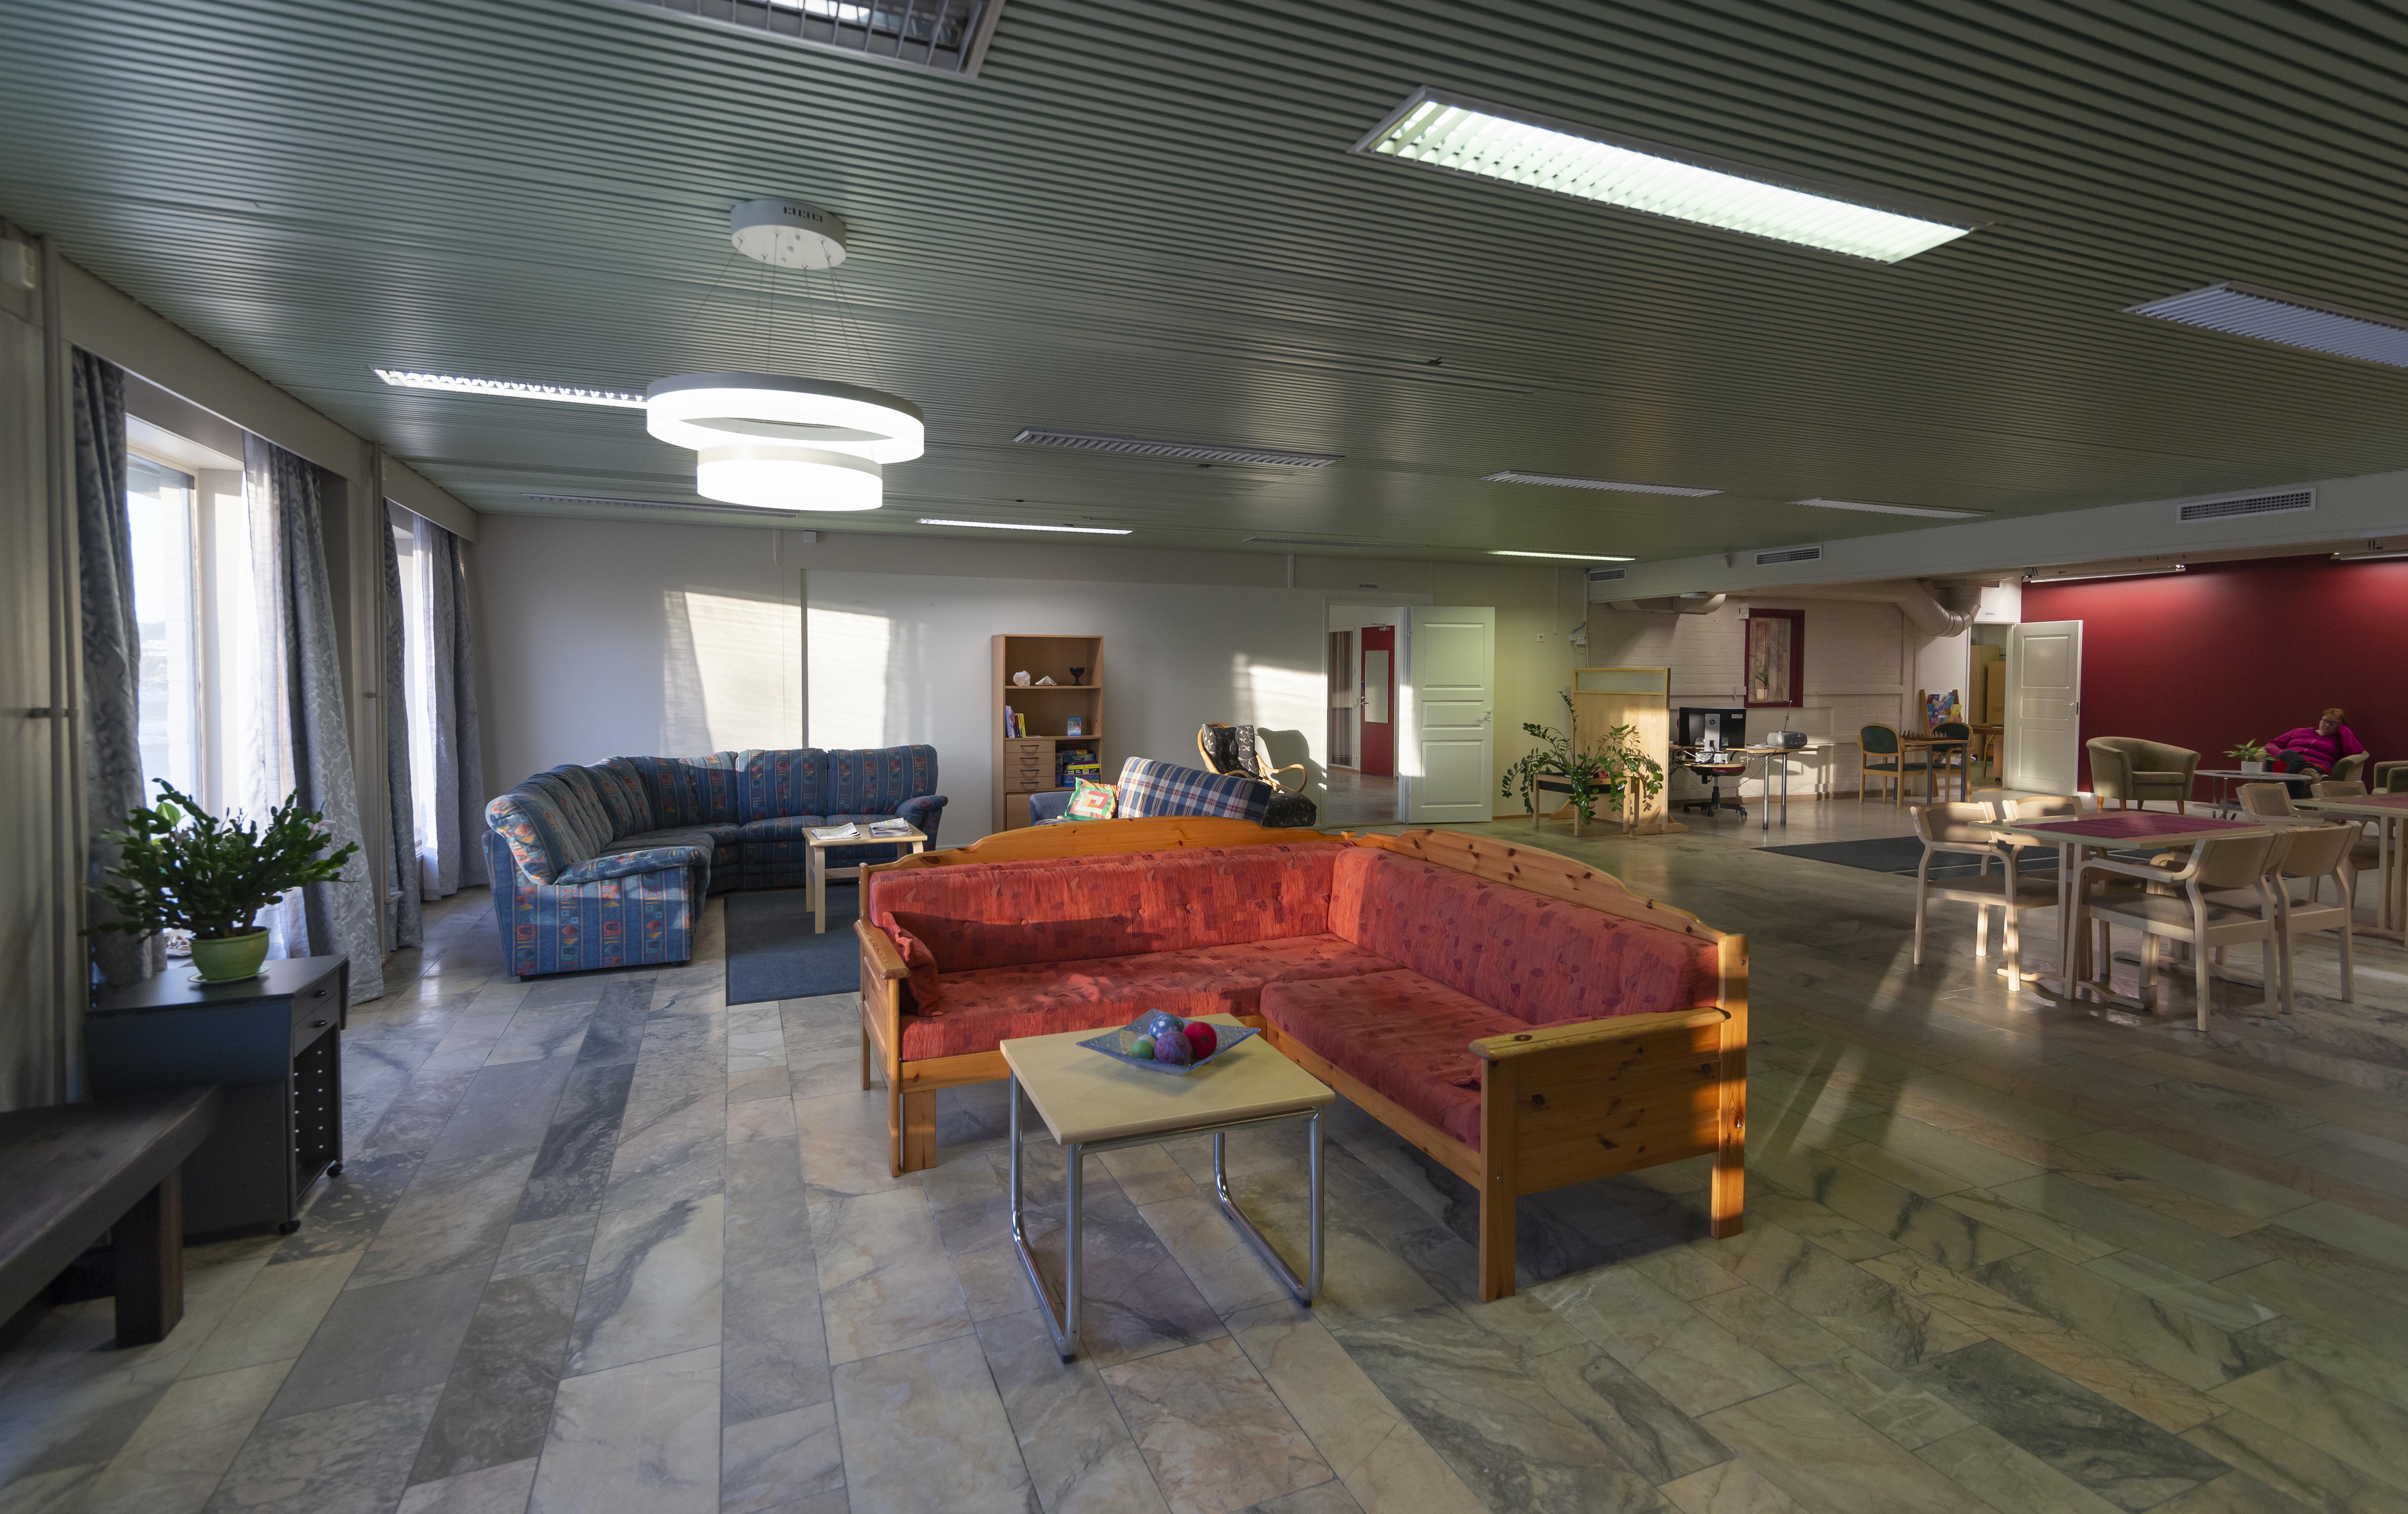 Kuva Osallisuuskeskus Ainolan Olohuone-tilasta. Etualalla punainen sohva ja sohvapöytä. Taka-alalla sininen sohvaryhmä sekä pöytiä ja penkkejä.